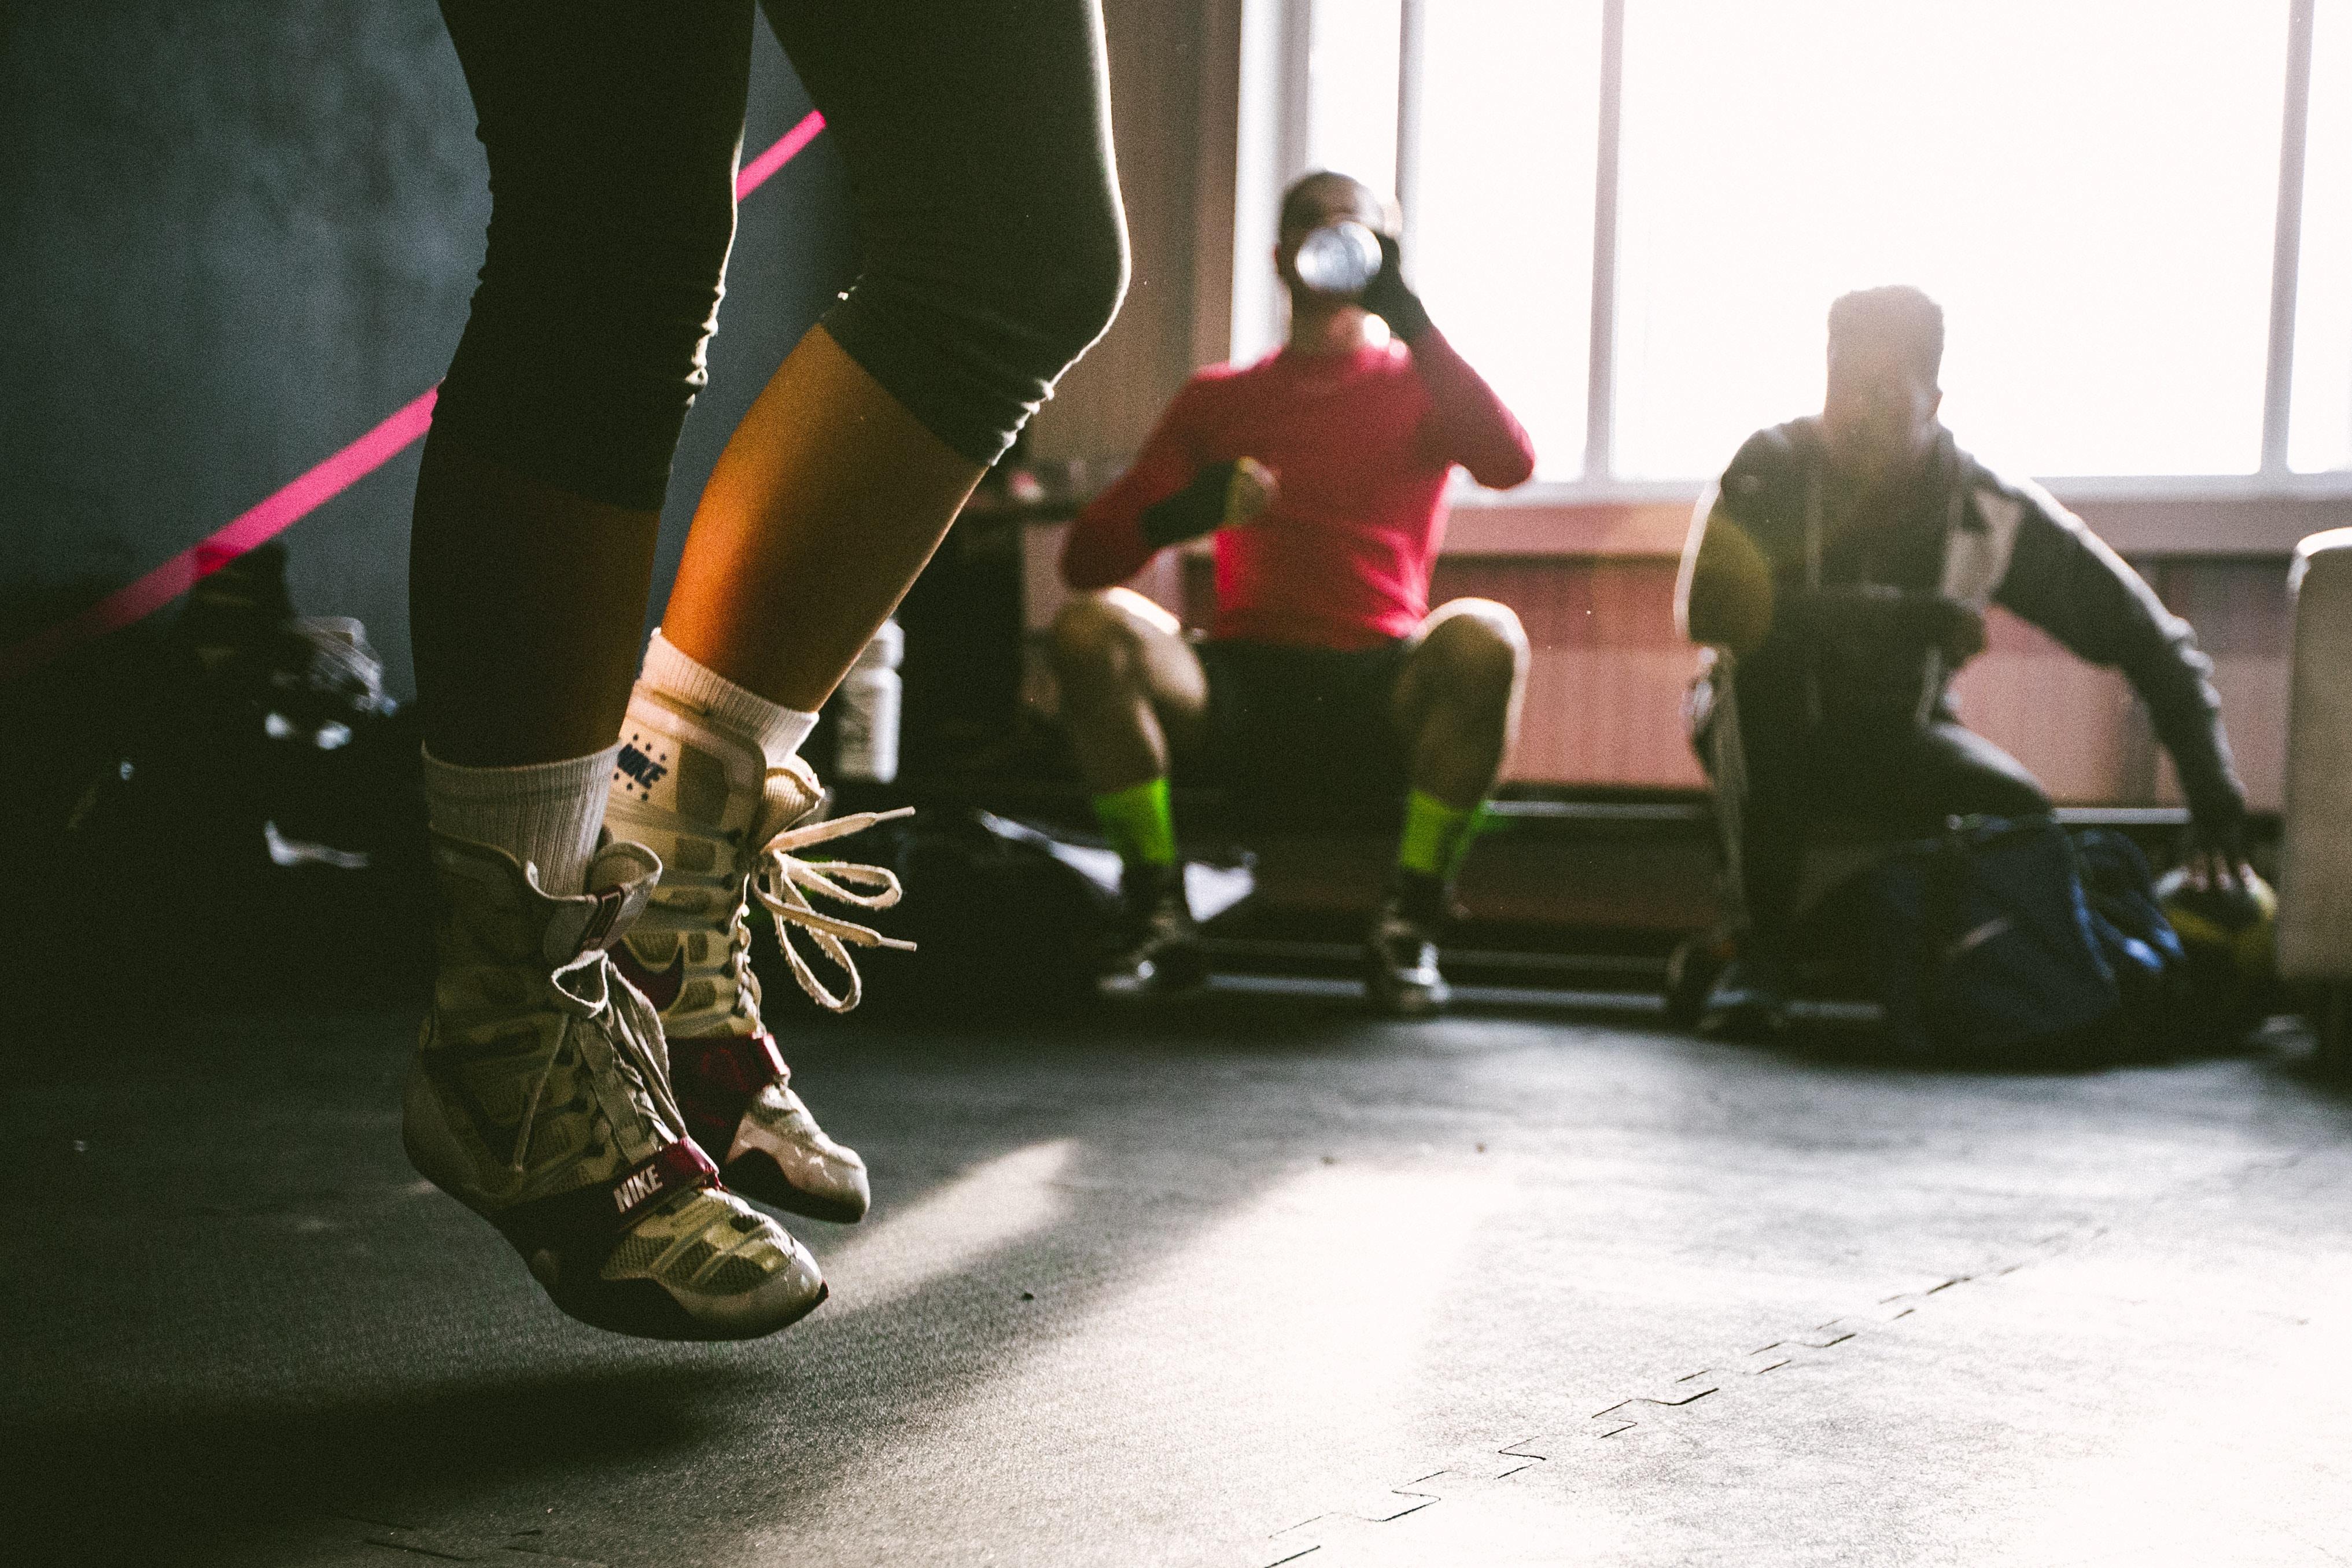 Jak skakać na skakance żeby schudnąć